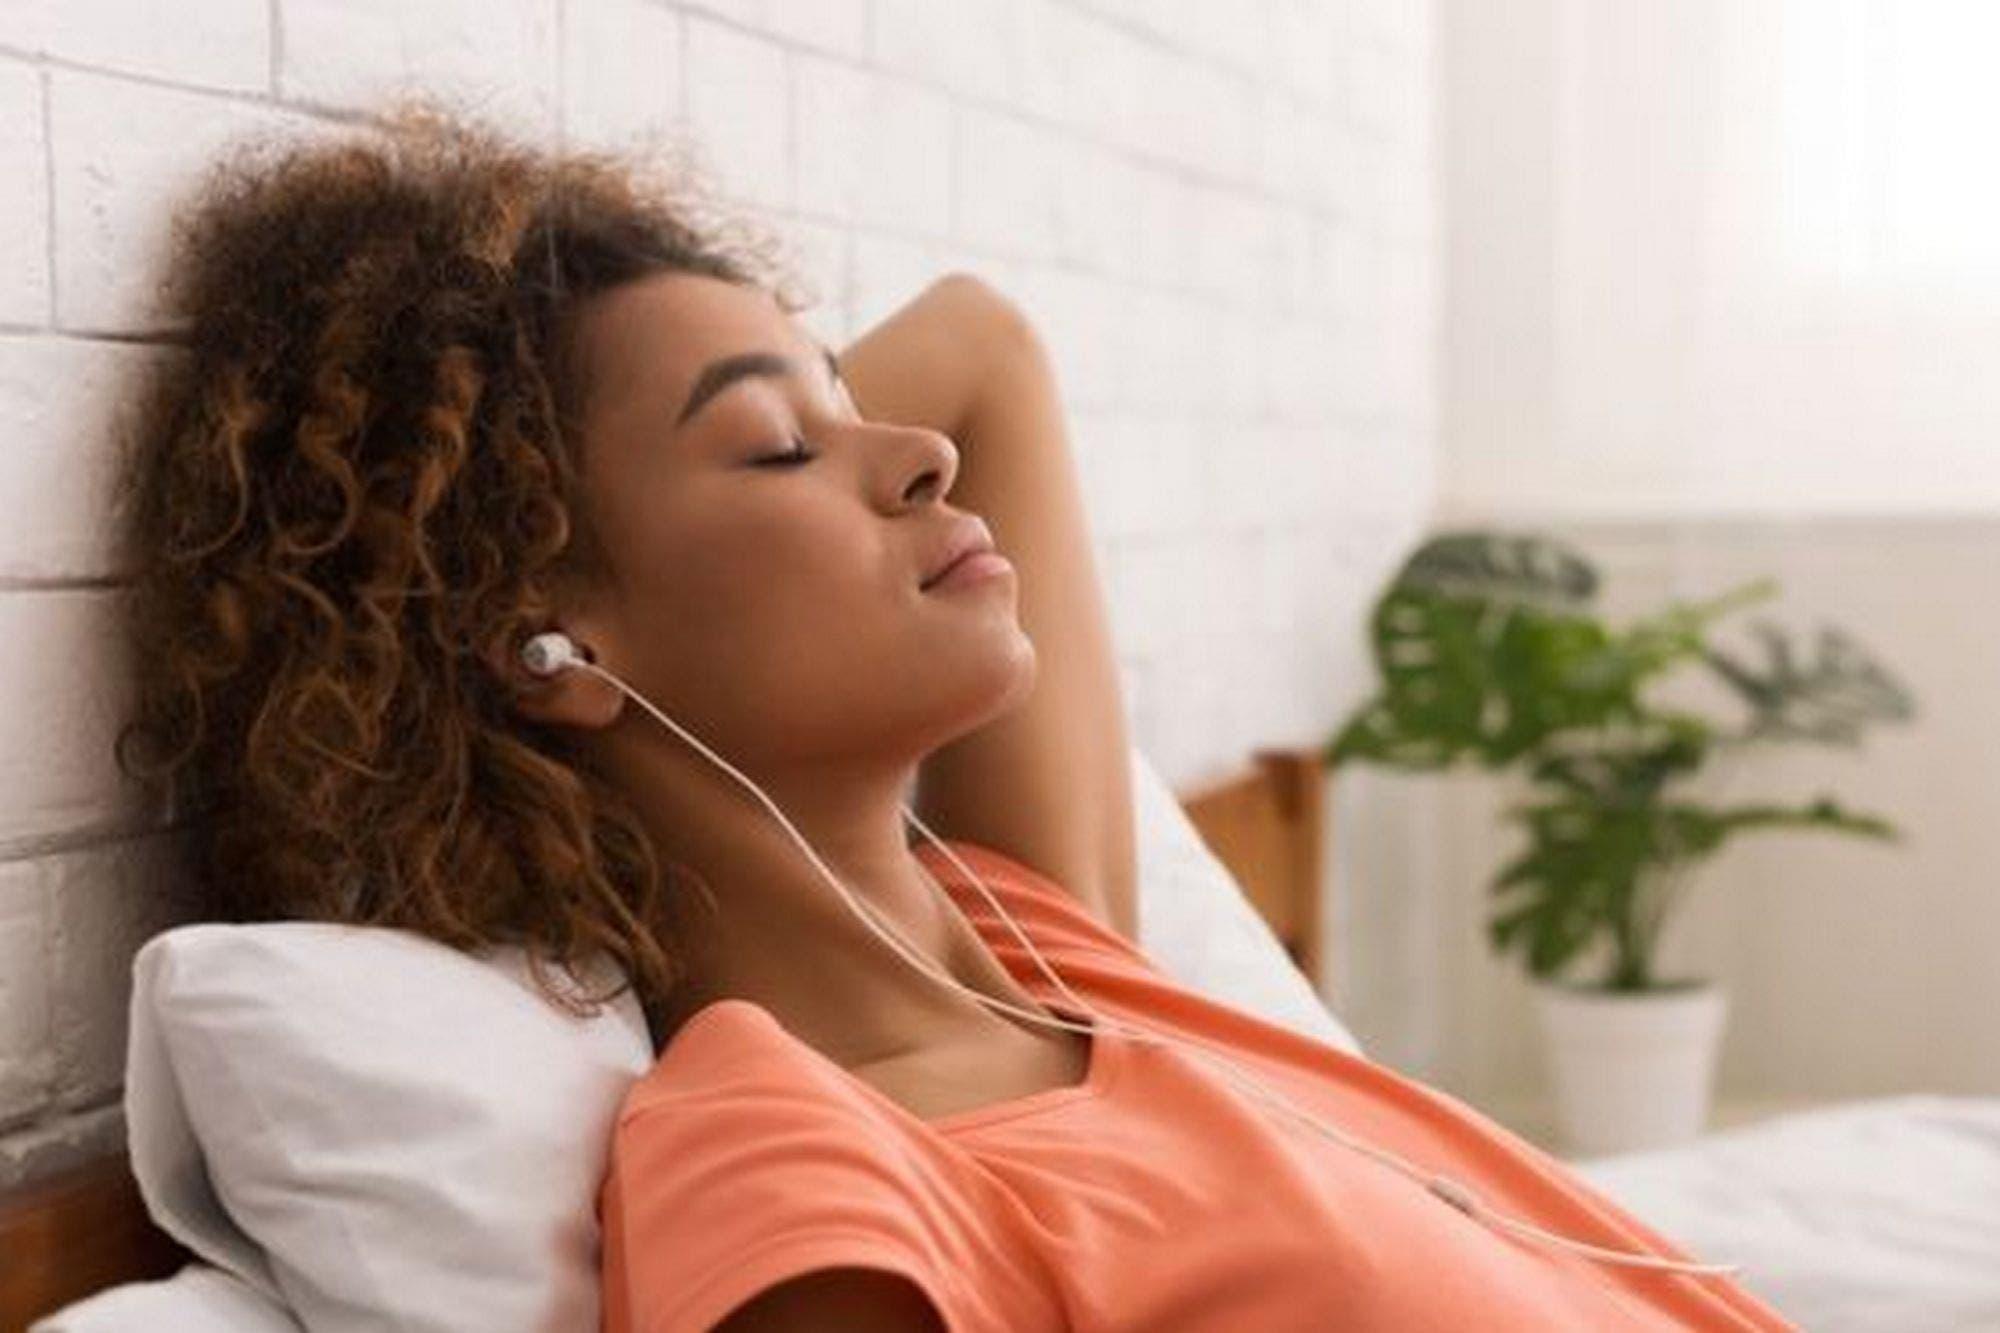 Qué es el audioporno y por qué atrae cada vez más a las mujeres